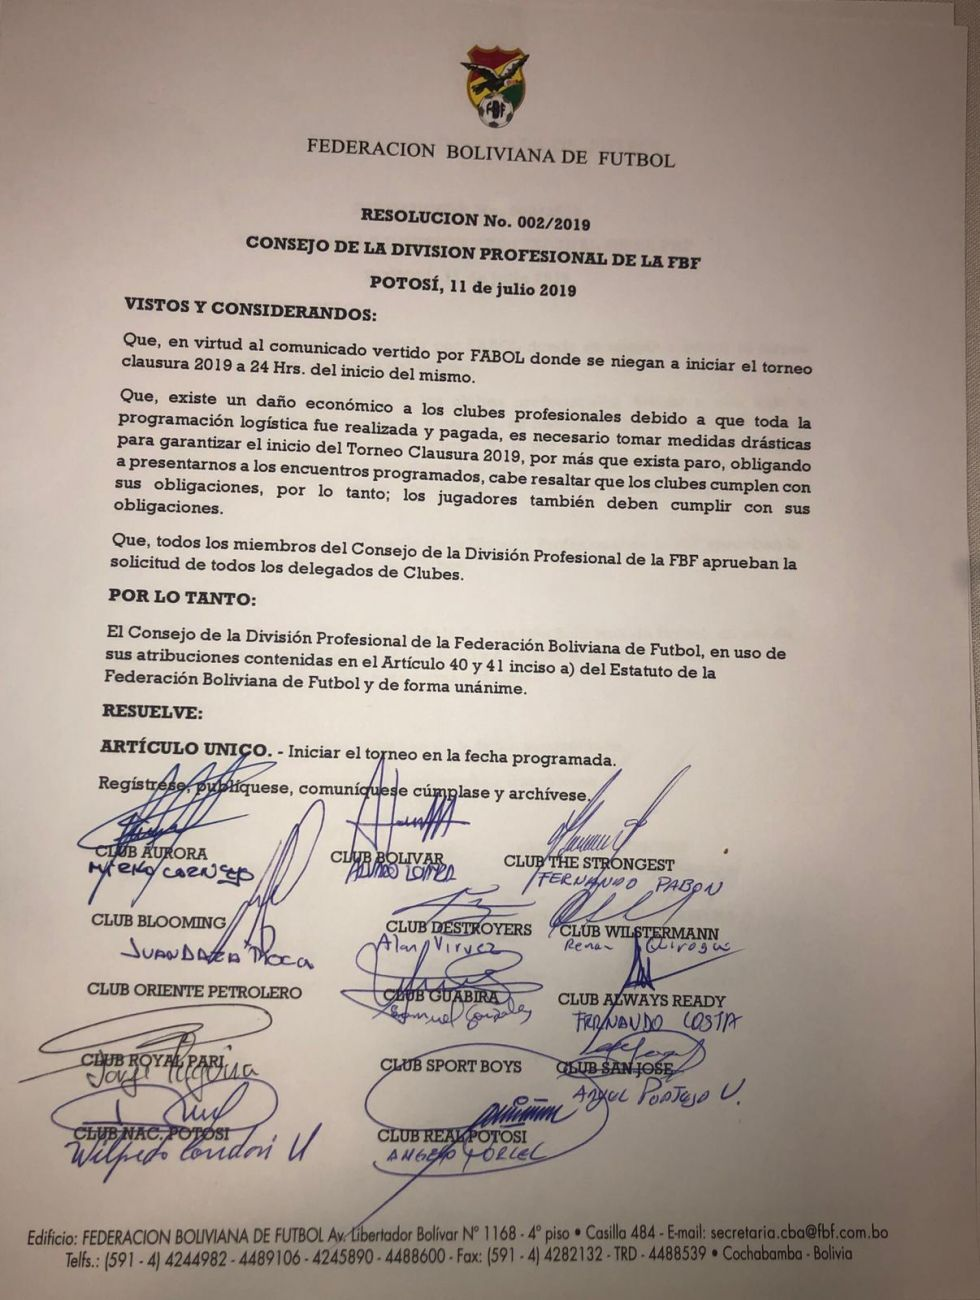 La resolución del consejo  la División Profesional de la Federación Boliviana de Fútbol